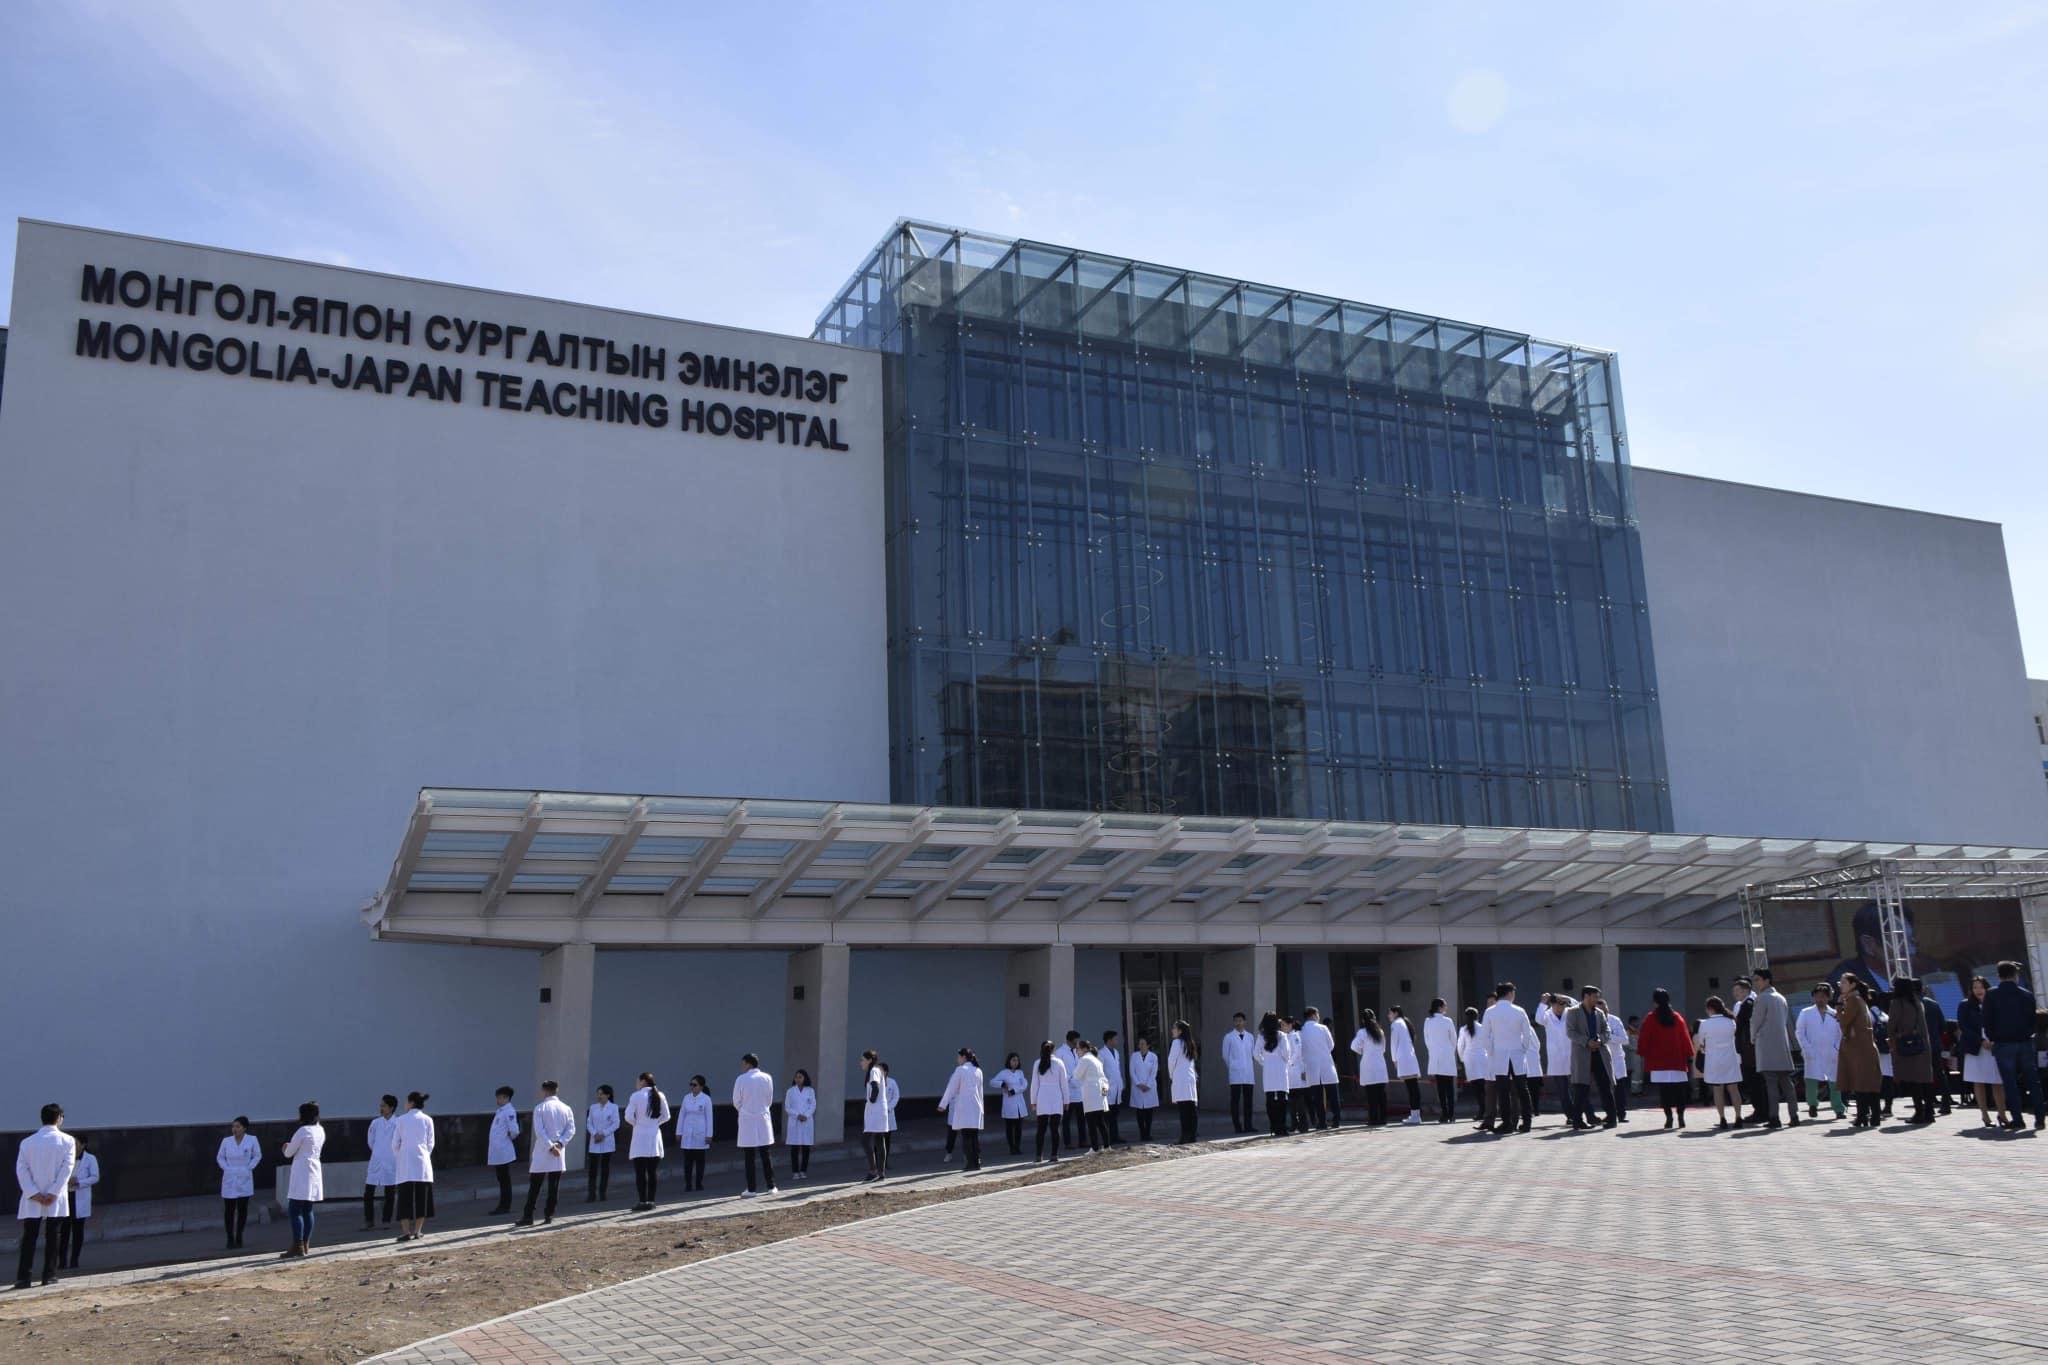 Баянзүрх дүүрэгт шинээр баригдсан АШУҮИС-ийн эмнэлгийн барилгыг ашиглалтад хүлээн авлаа